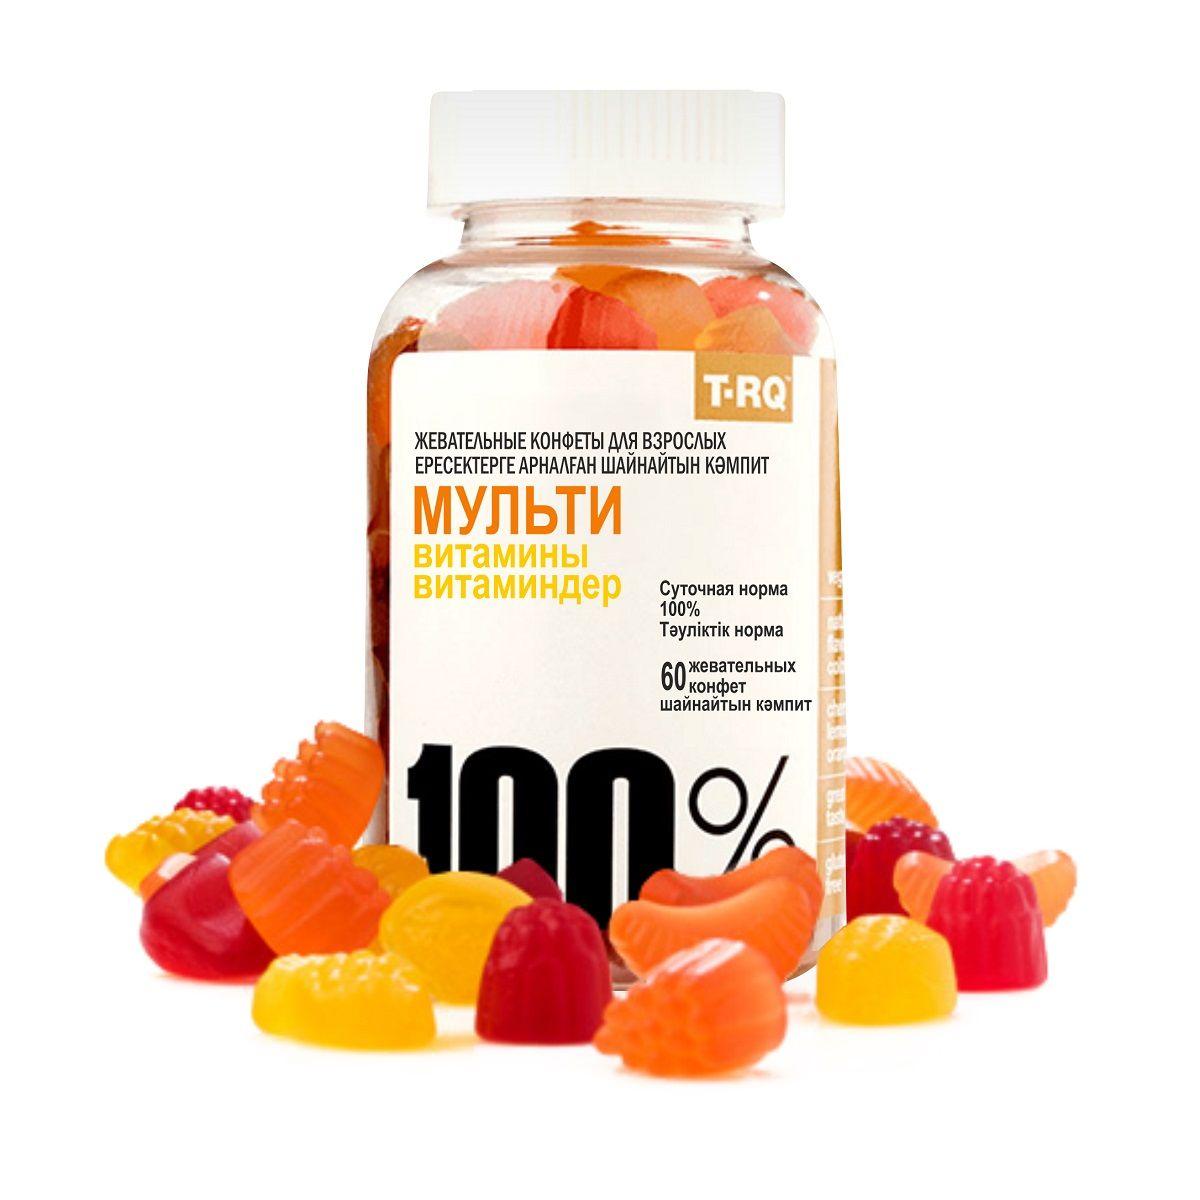 Драже жевательное Gummi King T-RQ, для взрослых, 60 шт26920Наконец-то появилось отличное решение для тех, кто не любит глотать таблетки – сбалансированные мультивитамины для взрослых в мягких жевательных конфетах со вкусом натуральных фруктов.Gummi King T-RQ - жевательные мультивитамины для взрослых, содержащие 100% дневной нормы ключевых витаминов и минералов:витамины А и Д необходимы для красоты вашей кожи, крепких ногтей и зубов, хорошего зрения.витамин С поддерживает иммунитет, а также полезен для сосудовбиотин и витамин Е – это борьба со старением клеток, здоровые блестящие волосы, ровный цвет лицавитамины группы В –питание для нервных клеток, а также заряд бодрости и энергиихолин и яблочный пектин способствуют пищеварению, выводят токсины и рекомендованы желающим снизить весинозитол – природный антистресс, борьба с раздражительностью, нормальный сонВсе витамины Gummi King гипоаллергенны: в их составе отсутствуют пшеница (глютен), молоко, яйца, соя, арахис и другие орехи, искусственные ароматизаторы и консервантыРЕКОМЕНДАЦИИ К ПРИМЕНЕНИЮ:по 1 пастилке х 2 раза в день после едыНе рекомендуем сочетать: с витаминами для глазПротивопоказания: аллергия на лимоны, апельсины, вишню, индивидуальная непереносимость компонентов, беременность, кормление грудью.Товар не является лекарственным средством. Товар не рекомендован для лиц младше 18 лет. Могут быть противопоказания и следует предварительно проконсультироваться со специалистом.